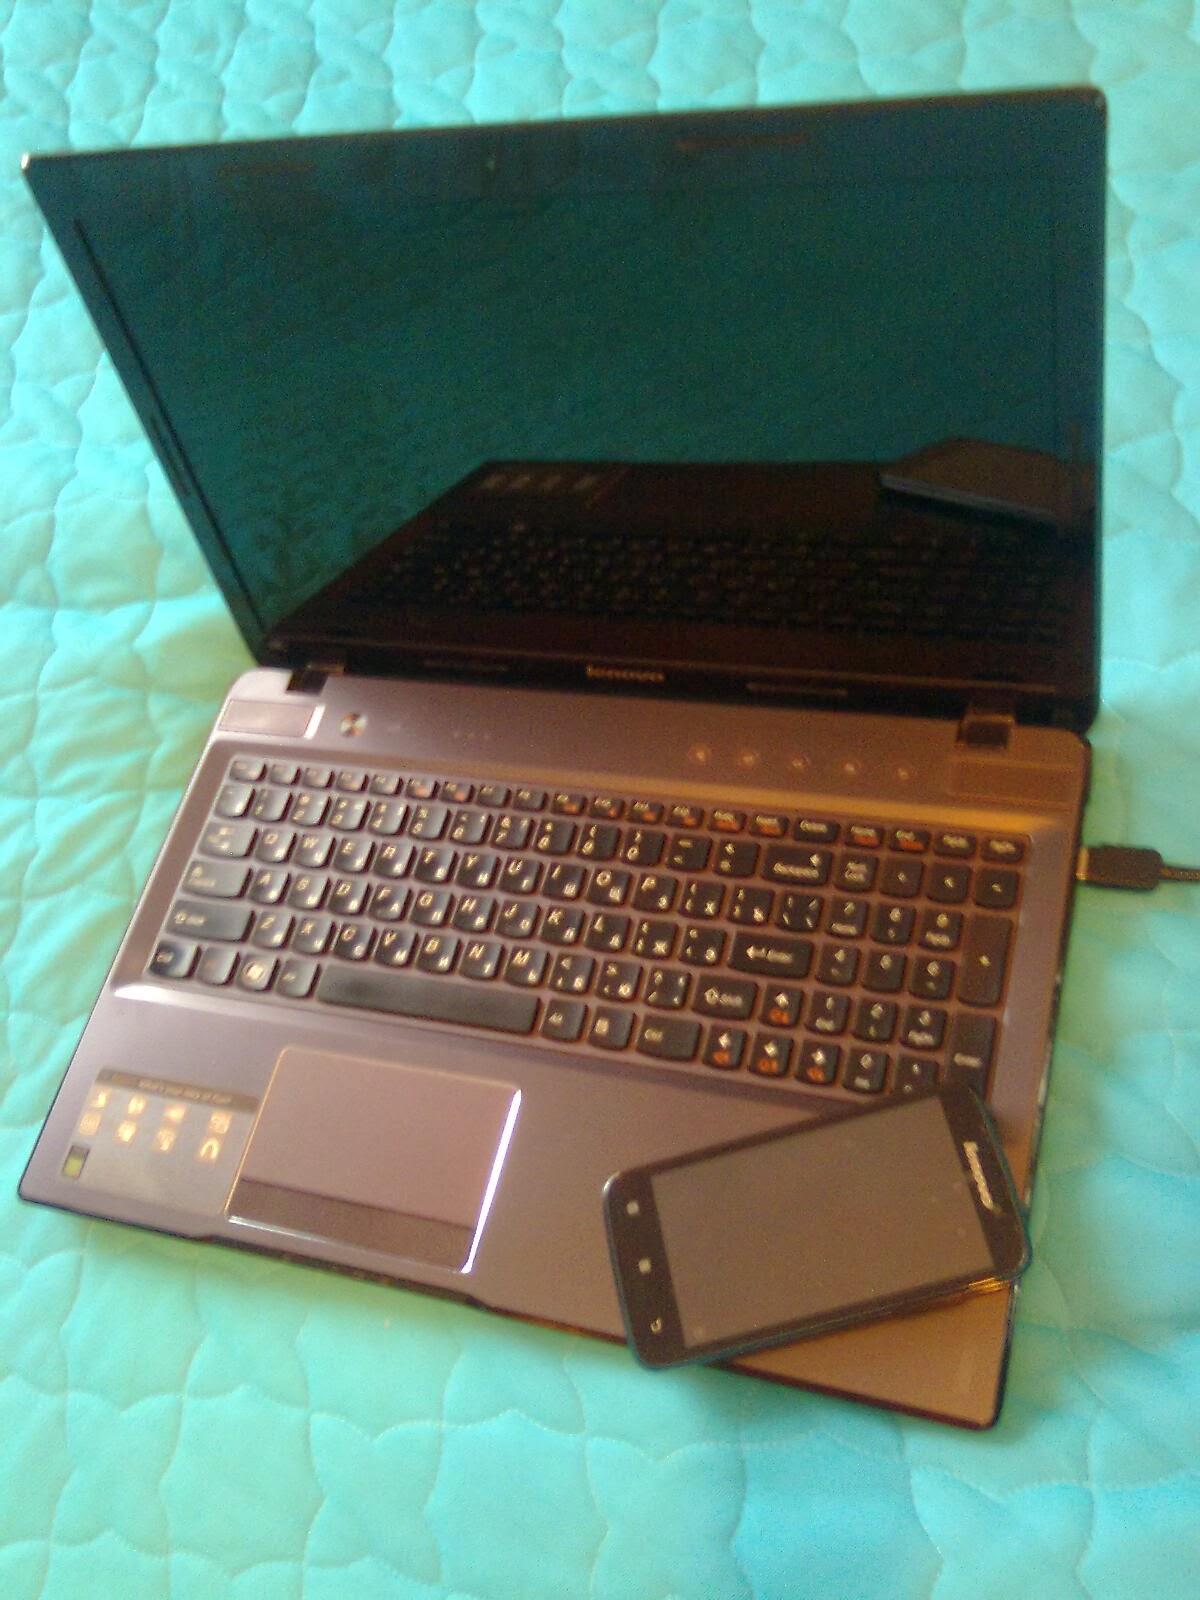 ноутбук и самртфон Lenovo